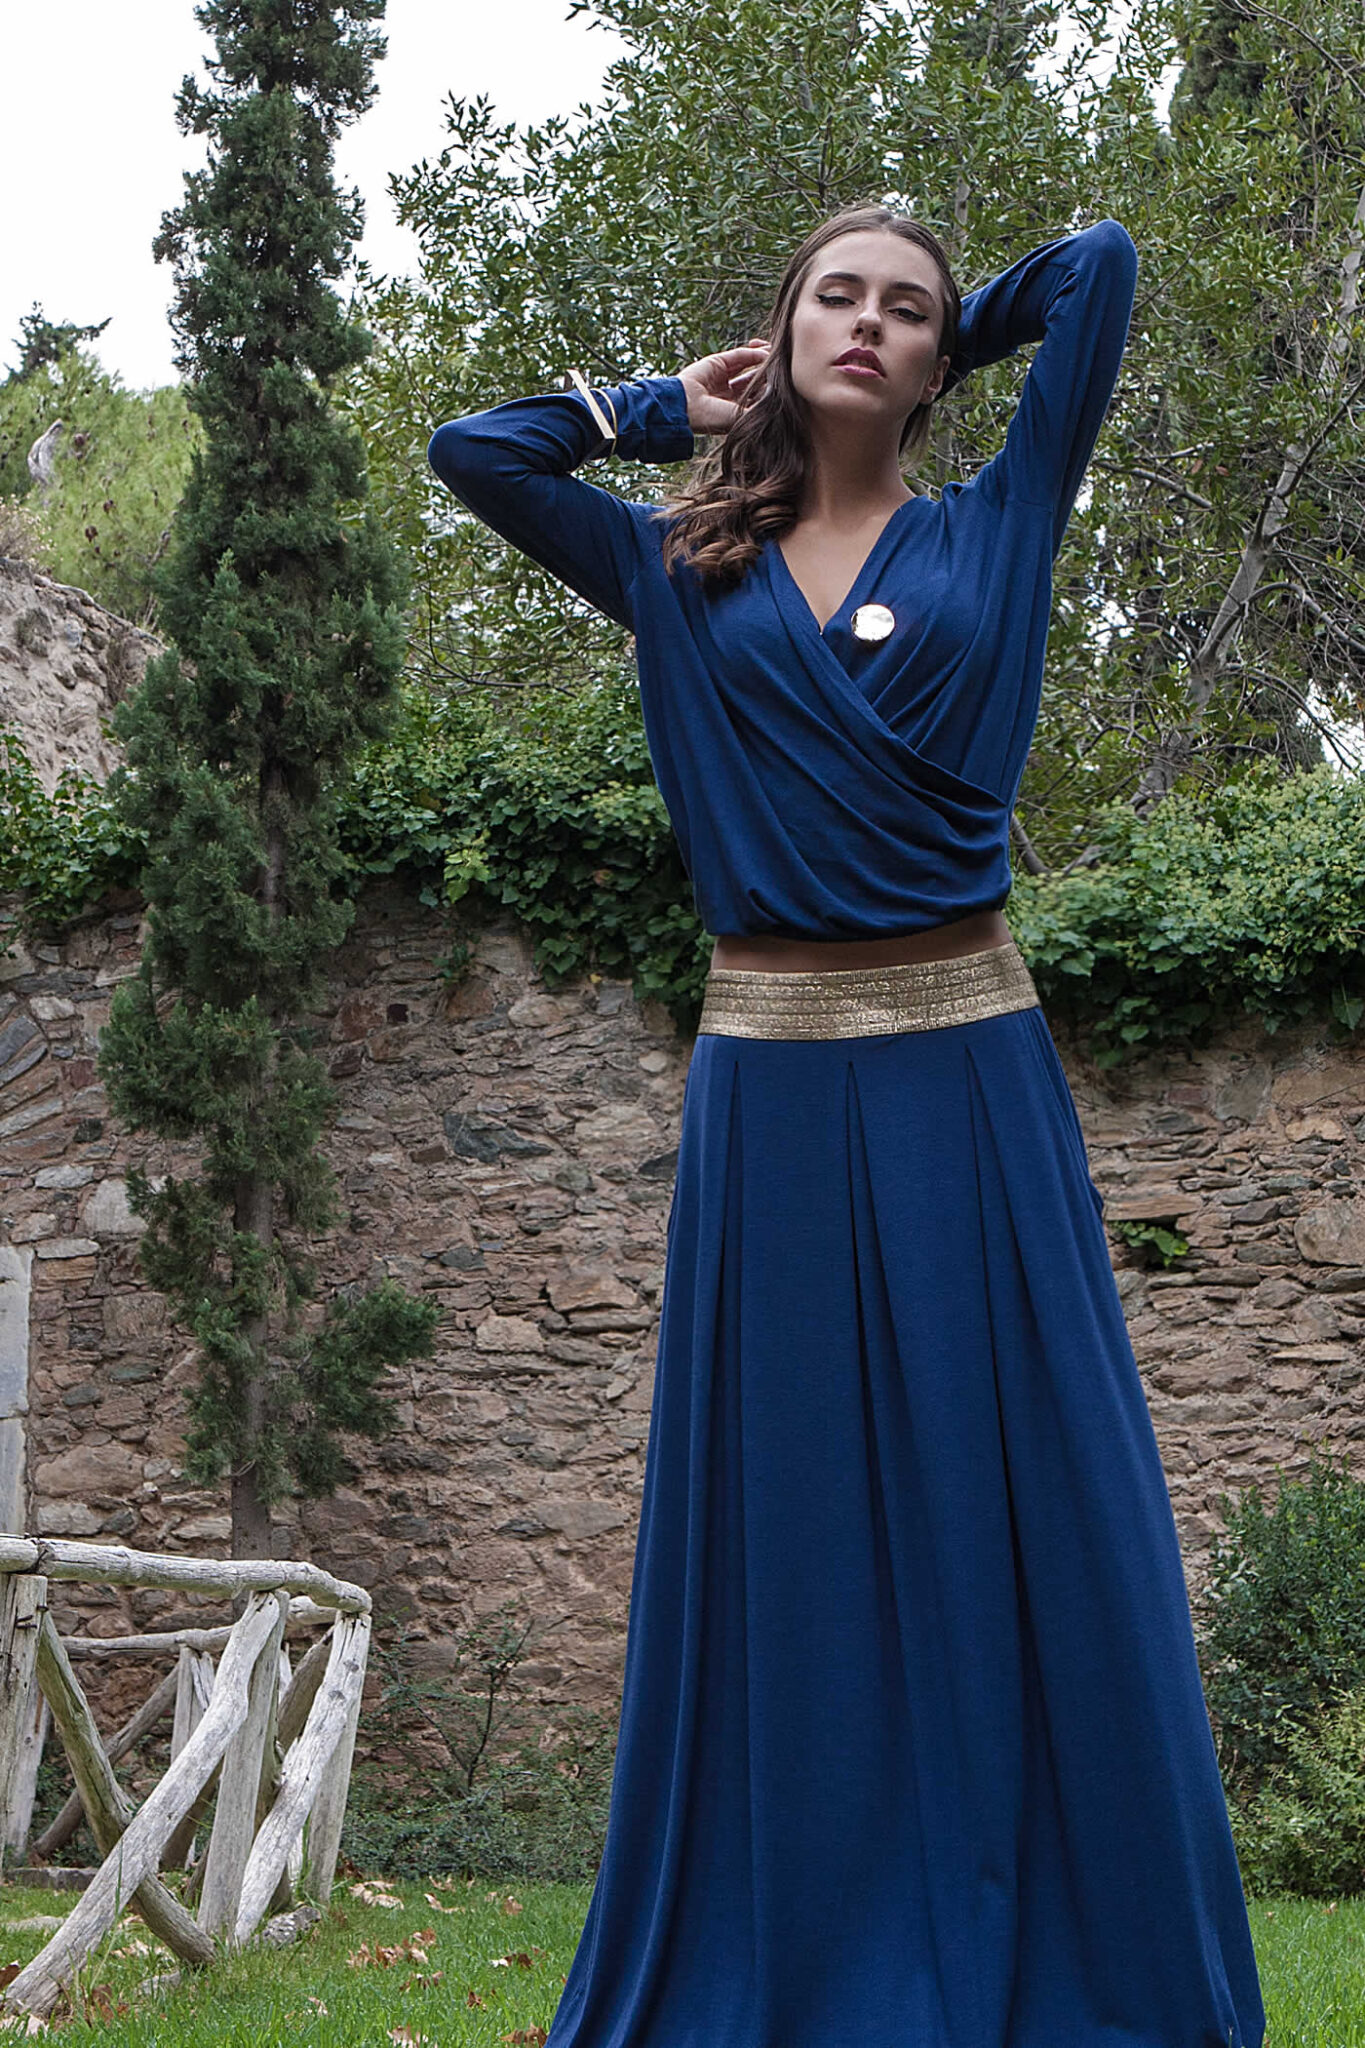 Γυναίκεια πλεκτή μπλούζα κρουαζέ μαζί με το αξεσουάρ